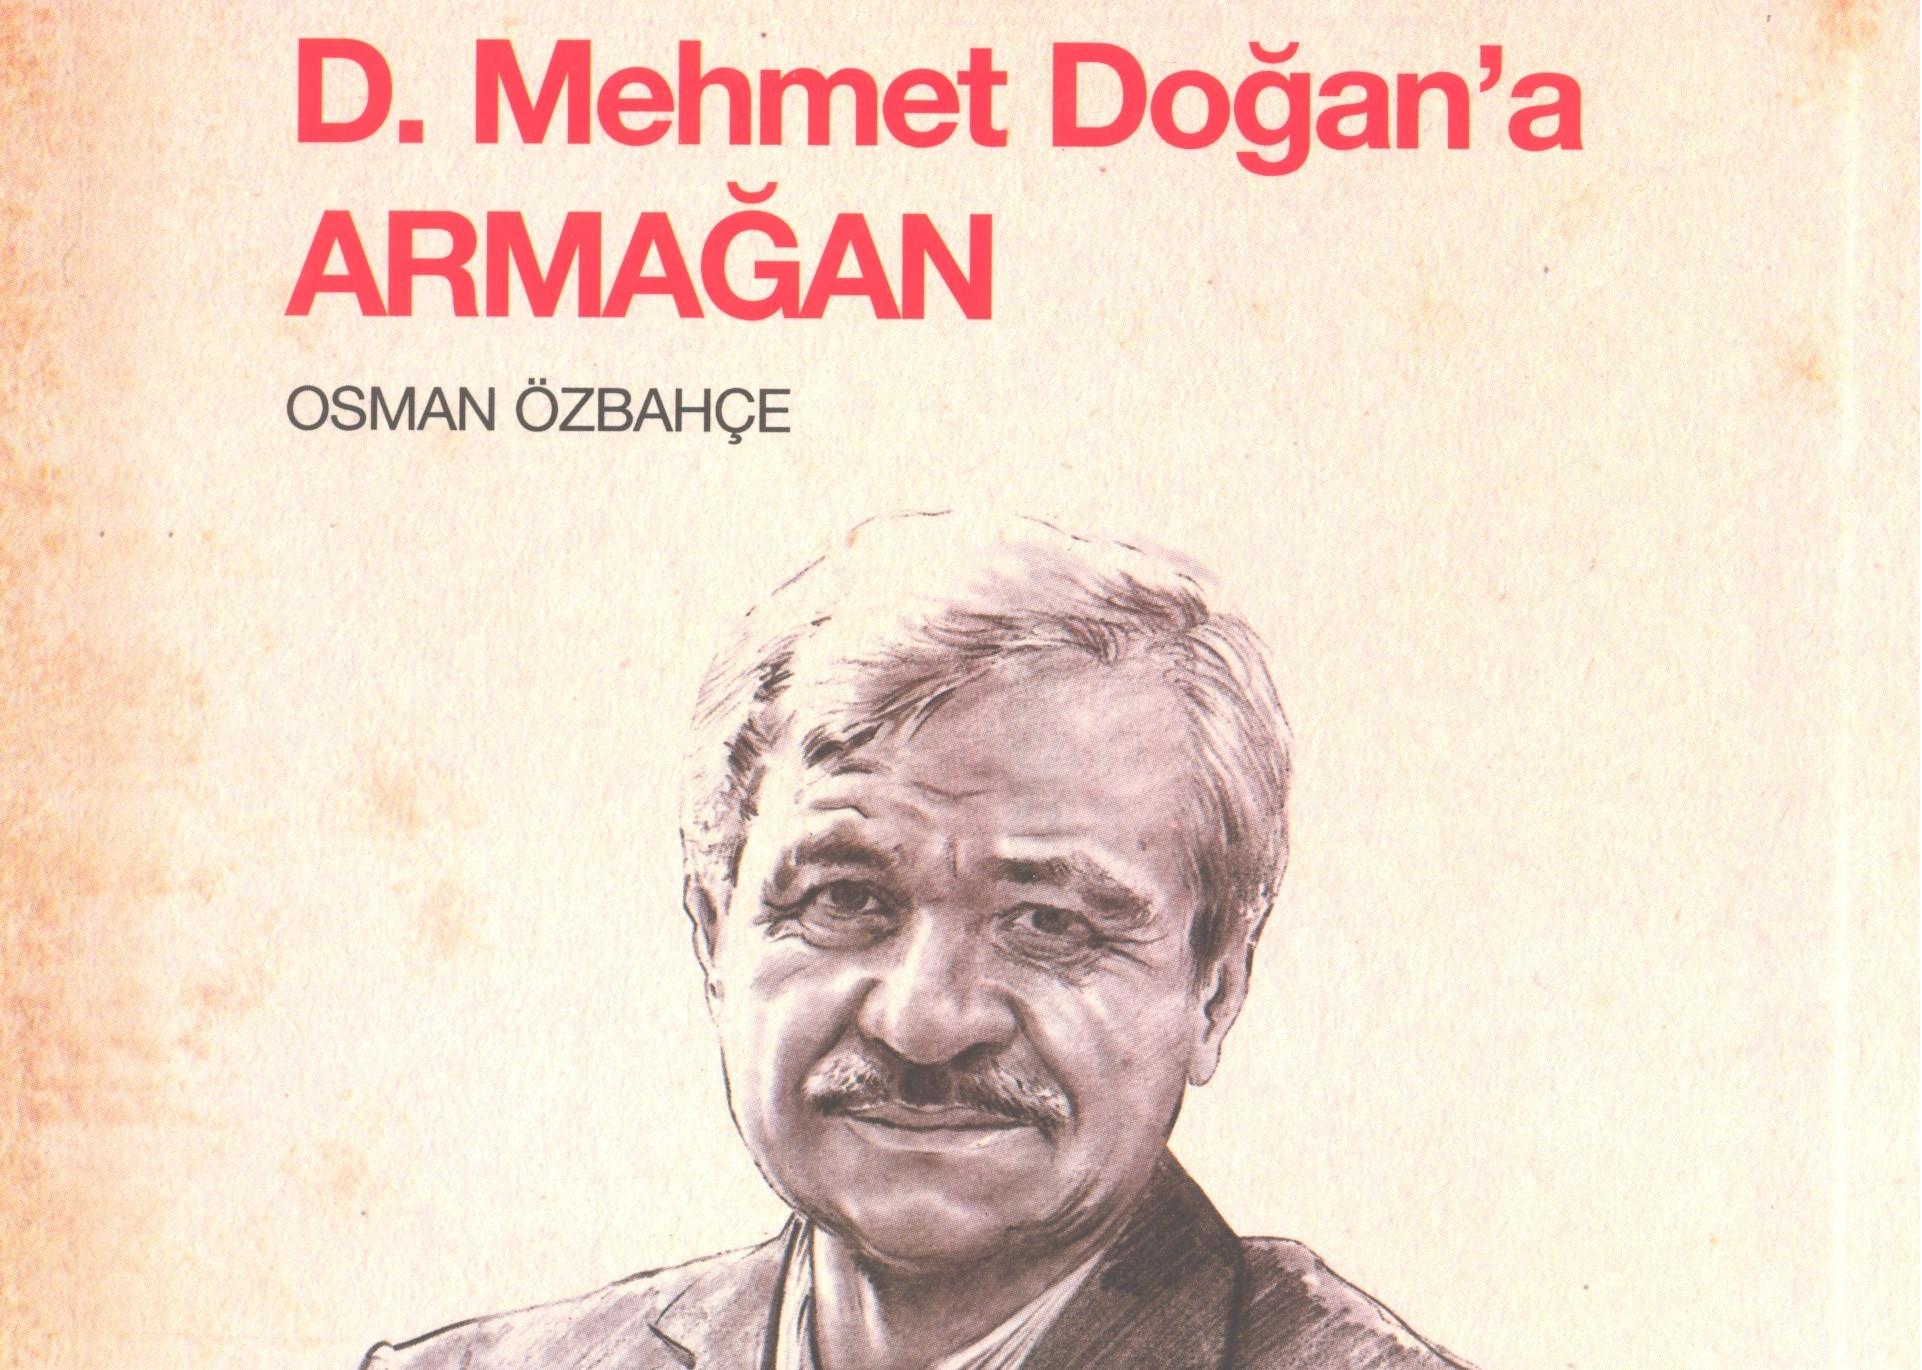 D. Mehmet Doğan'a Armağan